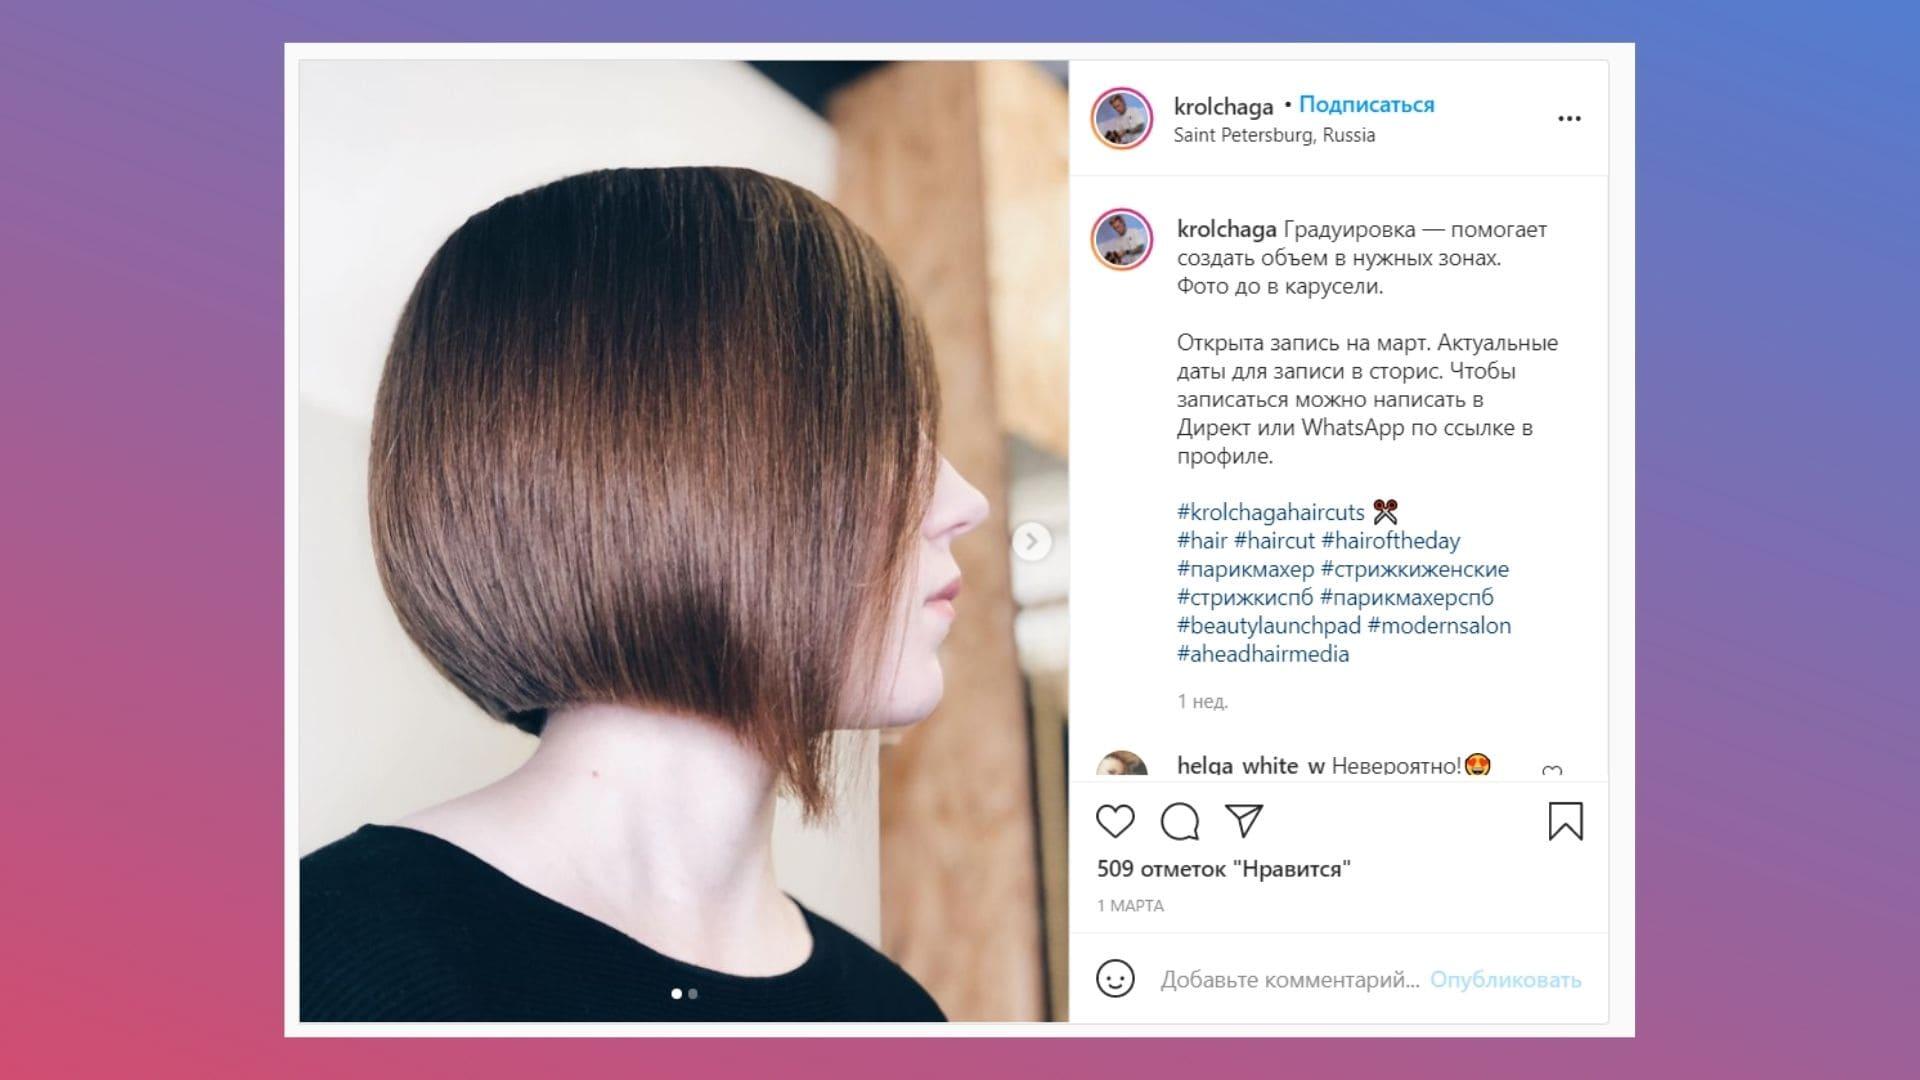 Большая часть постов и сторис у парикмахеров и барберов – продающие (@krolchaga)